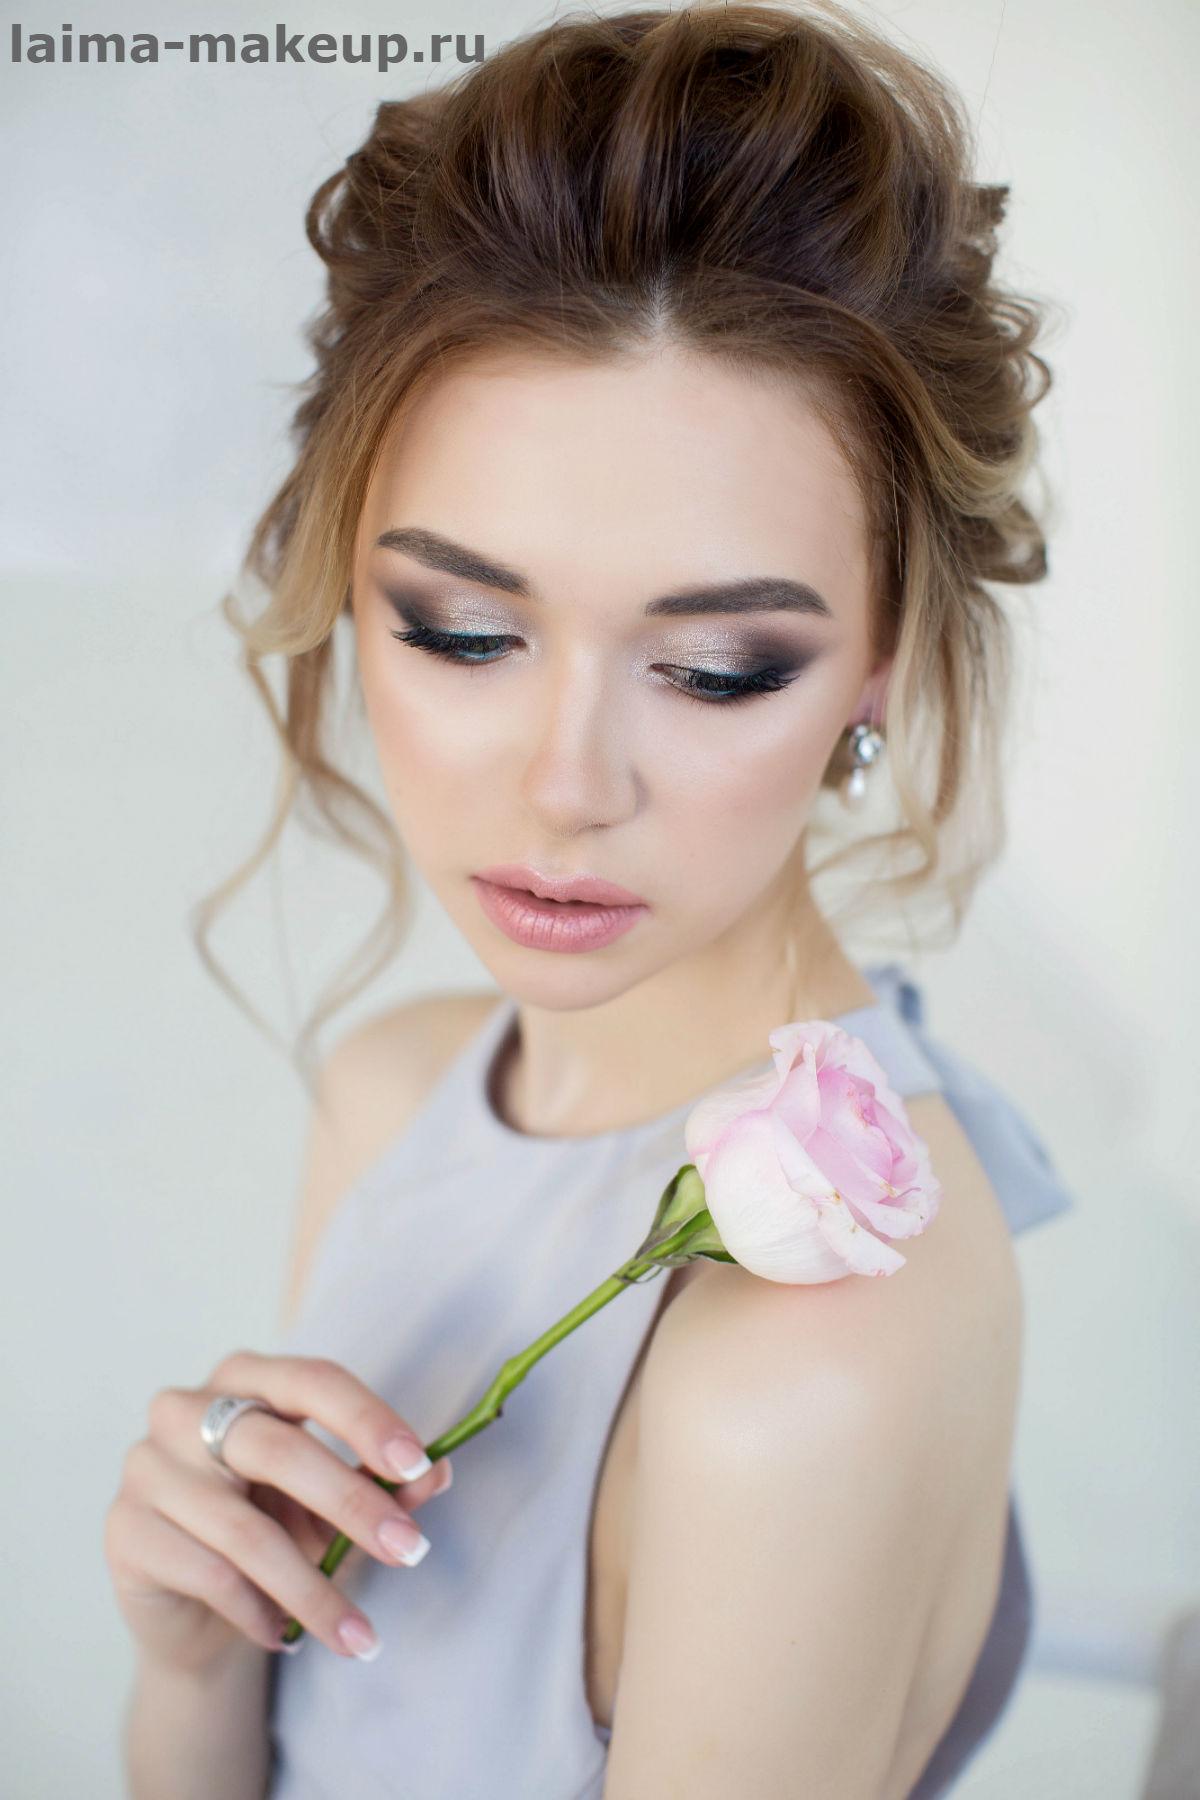 макияж на Планерной